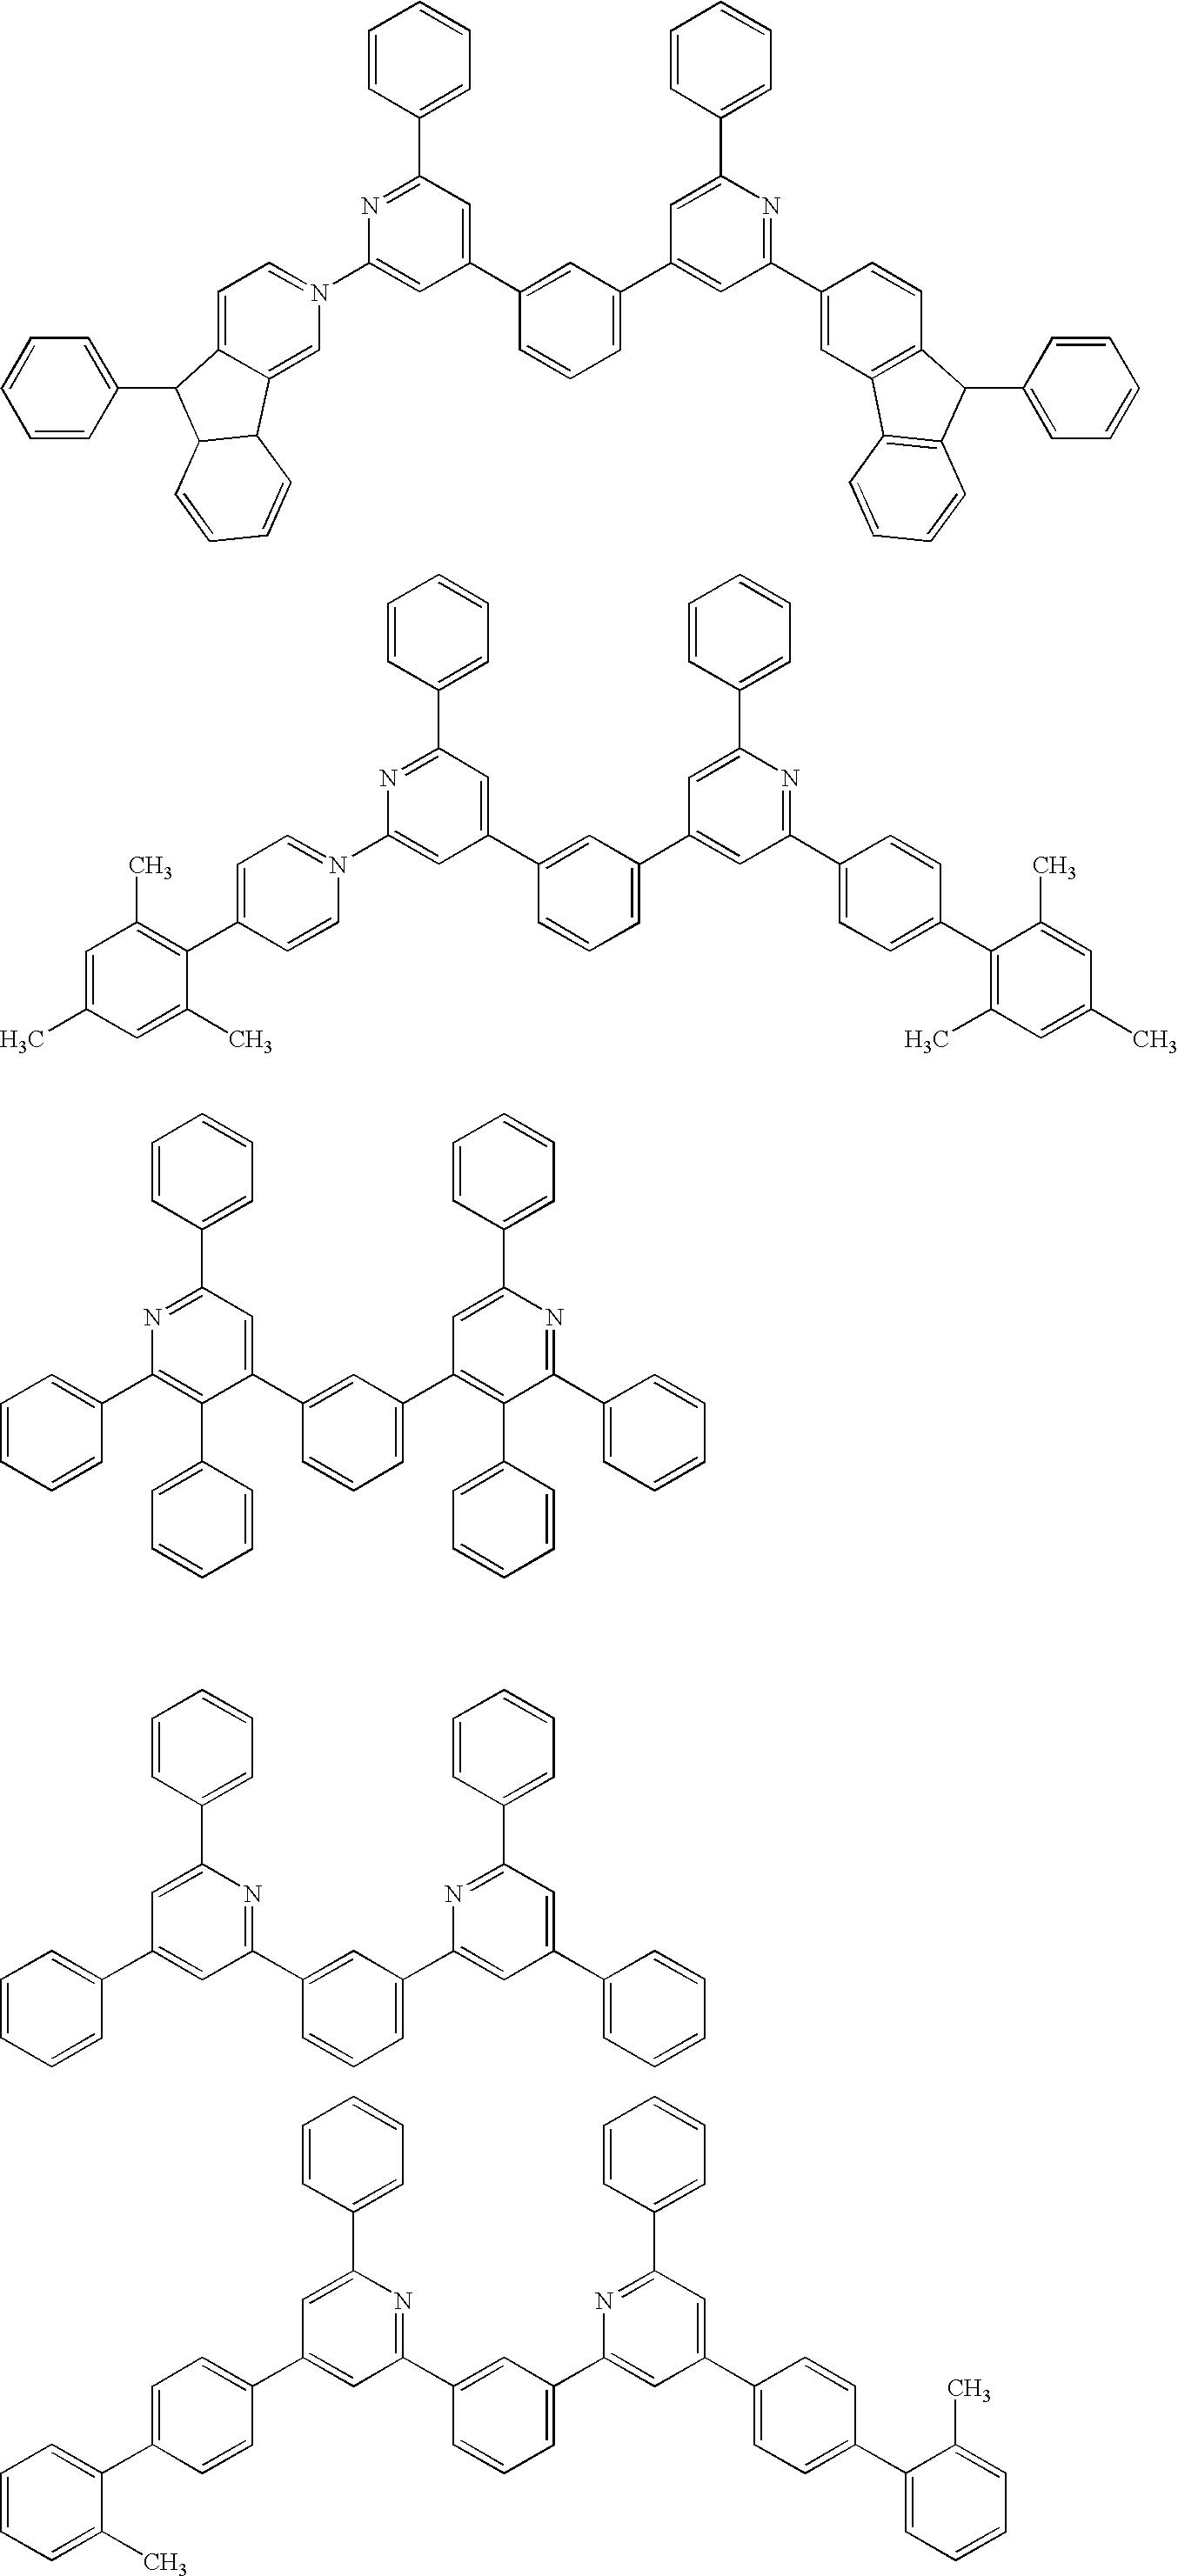 Figure US20060186796A1-20060824-C00031